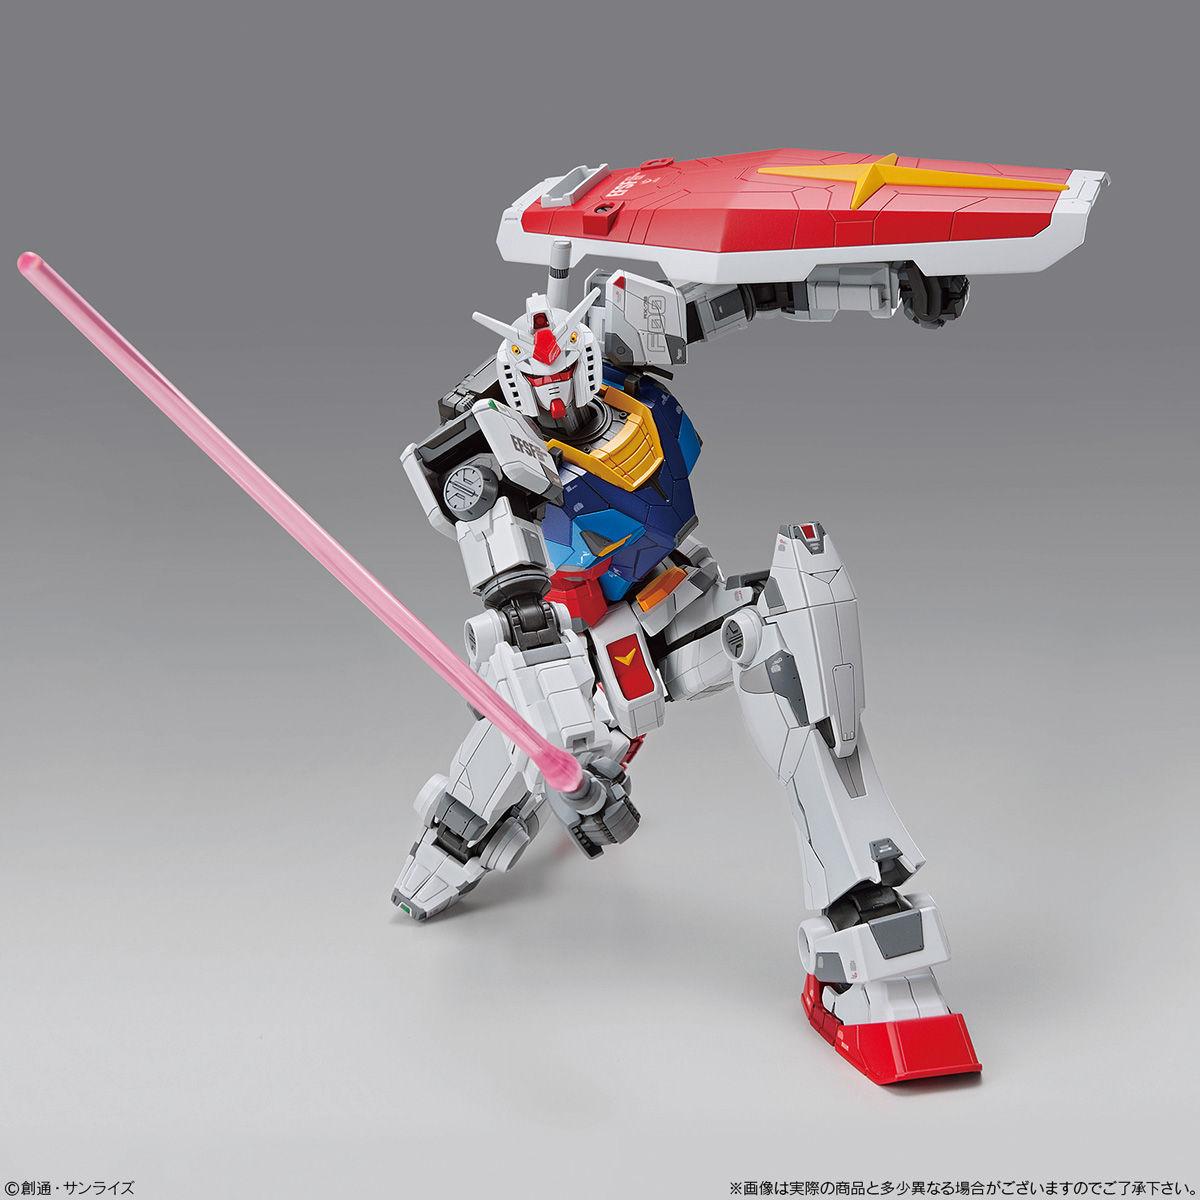 【先行販売】GUNDAM FACTORY YOKOHAMA『RX-78F00 ガンダム』1/100 プラモデル-007